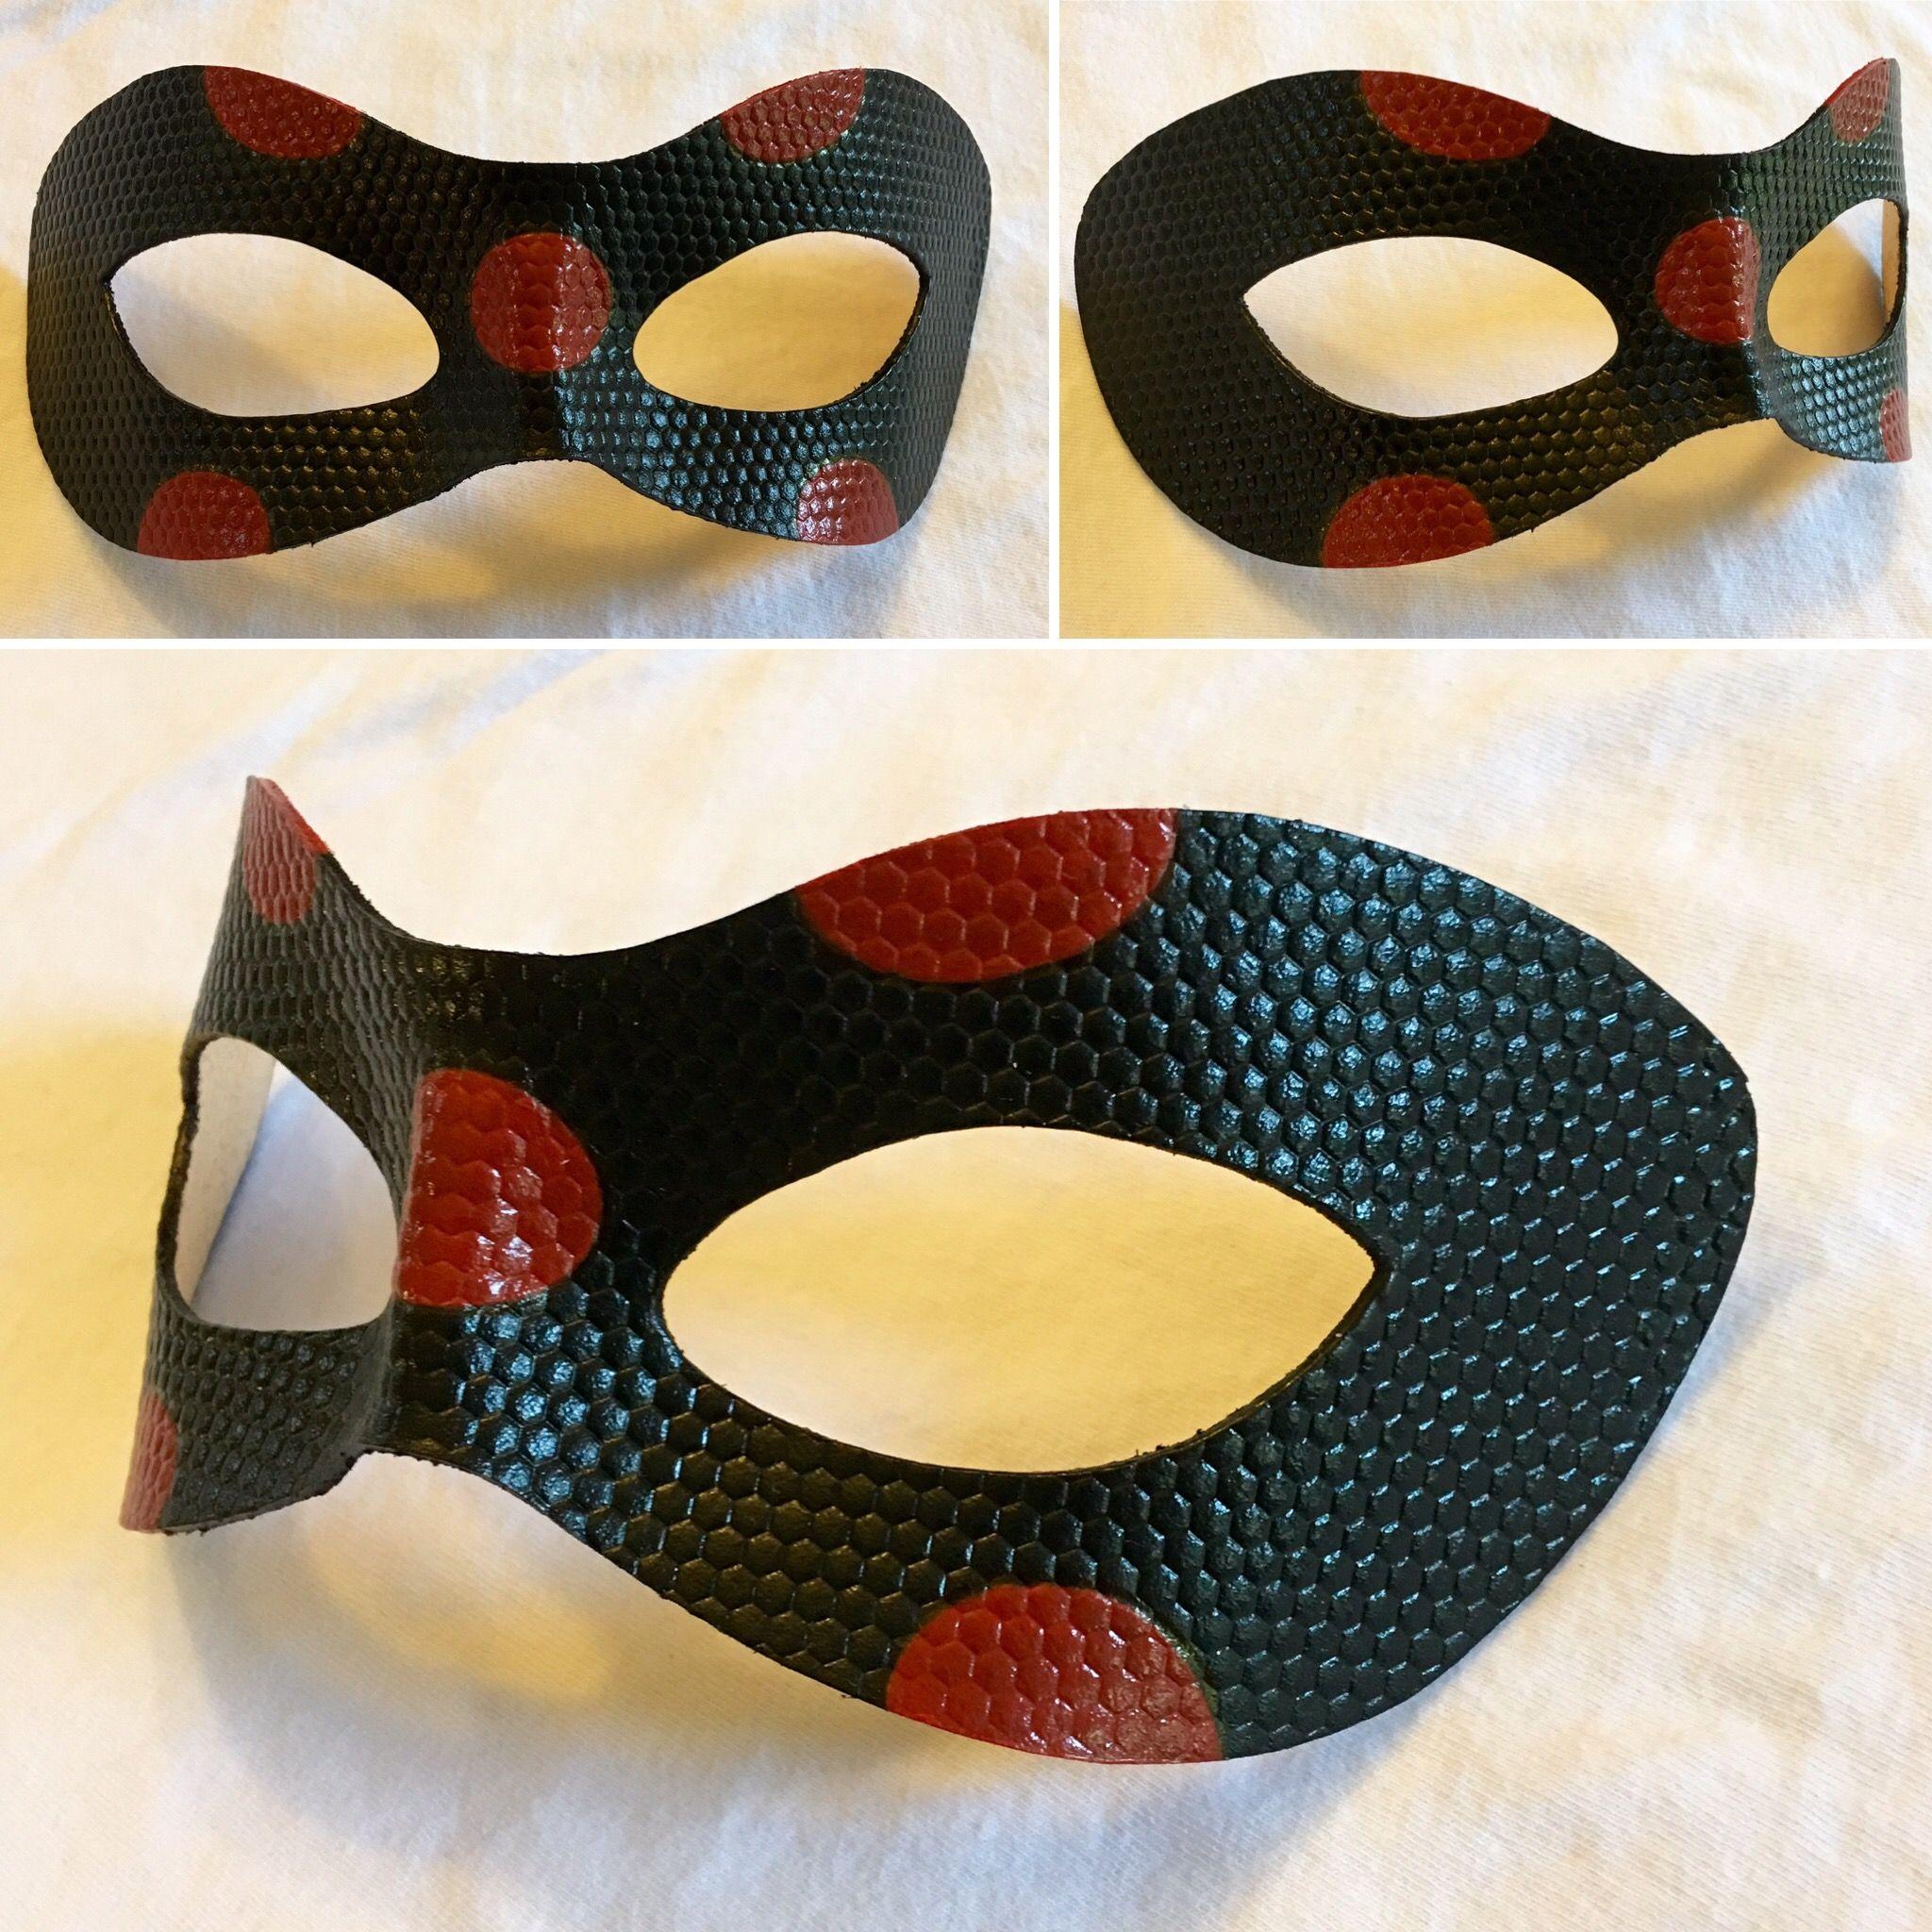 ca9380fc48 Reverse Ladybug leather cosplay mask